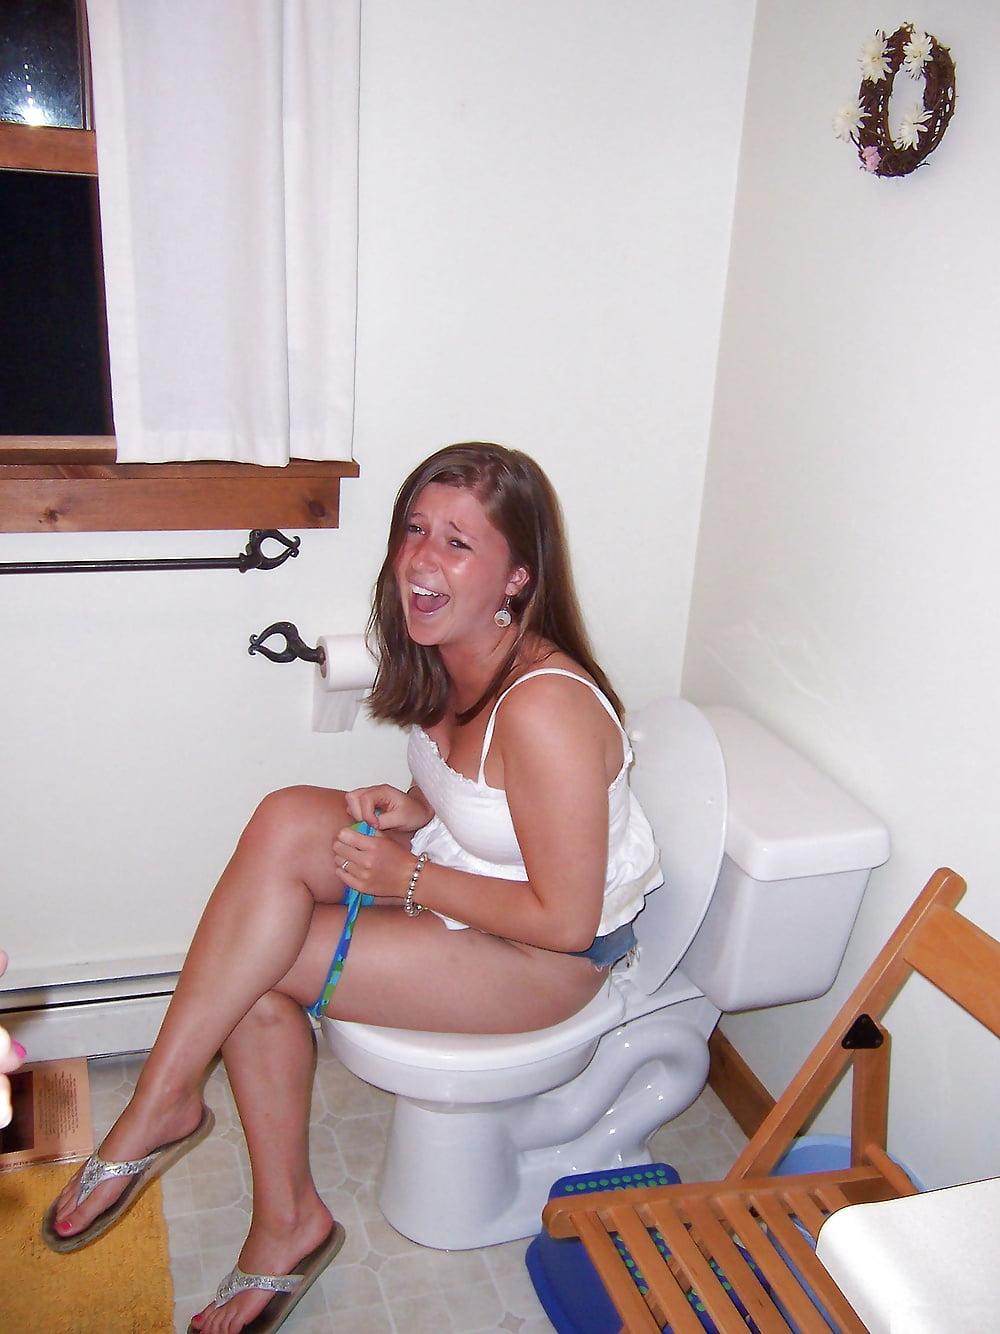 Gf naked on toilet